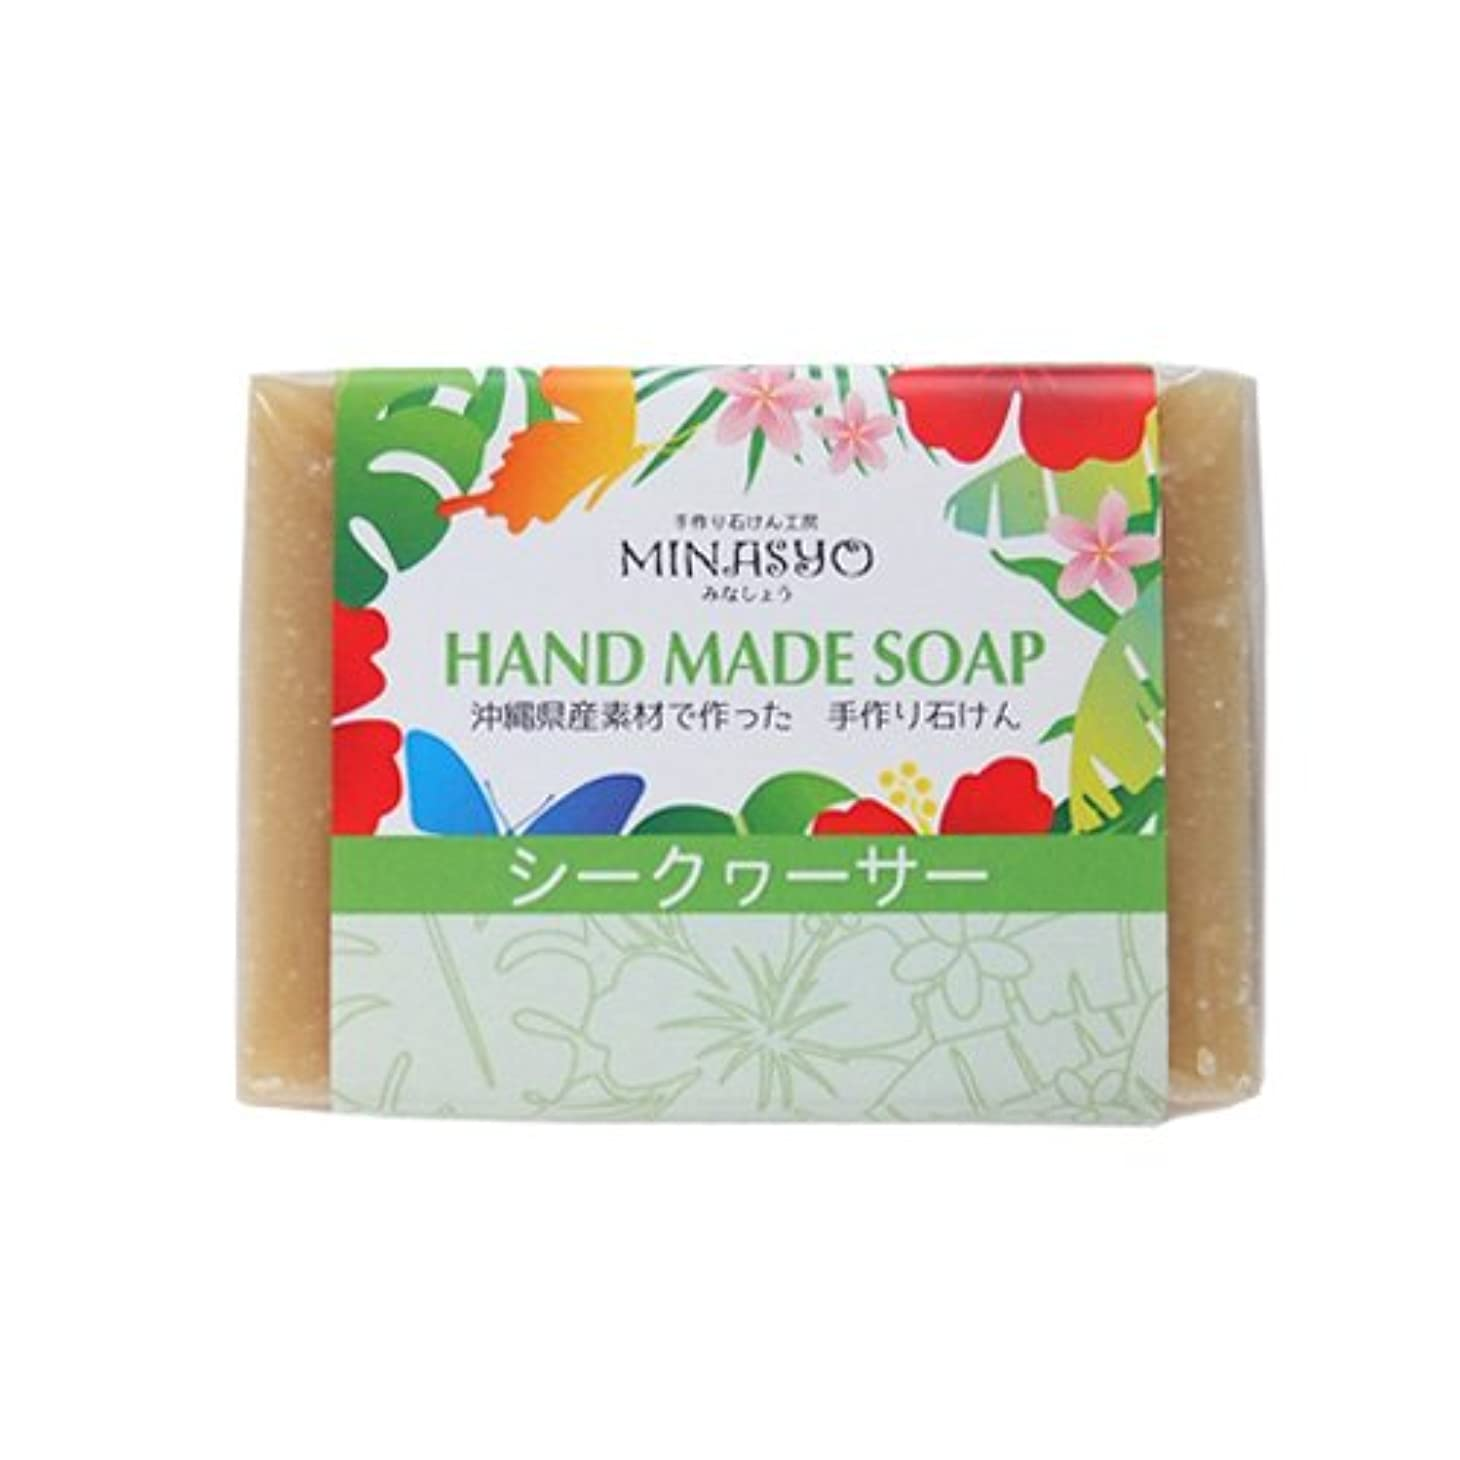 キャンパスビーチ宣言する洗顔石鹸 無添加 固形ハンドソープ ボディソープ 手作りシークワーサー石鹸